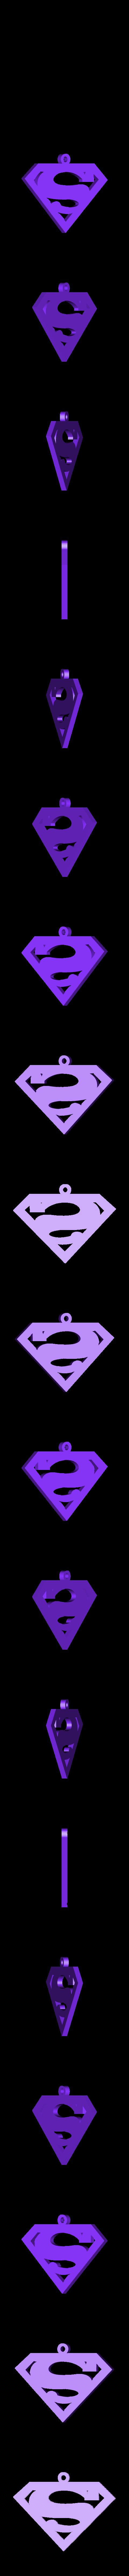 superman.stl Télécharger fichier STL gratuit pendentif surhomme • Objet pour imprimante 3D, fcosaldana0210